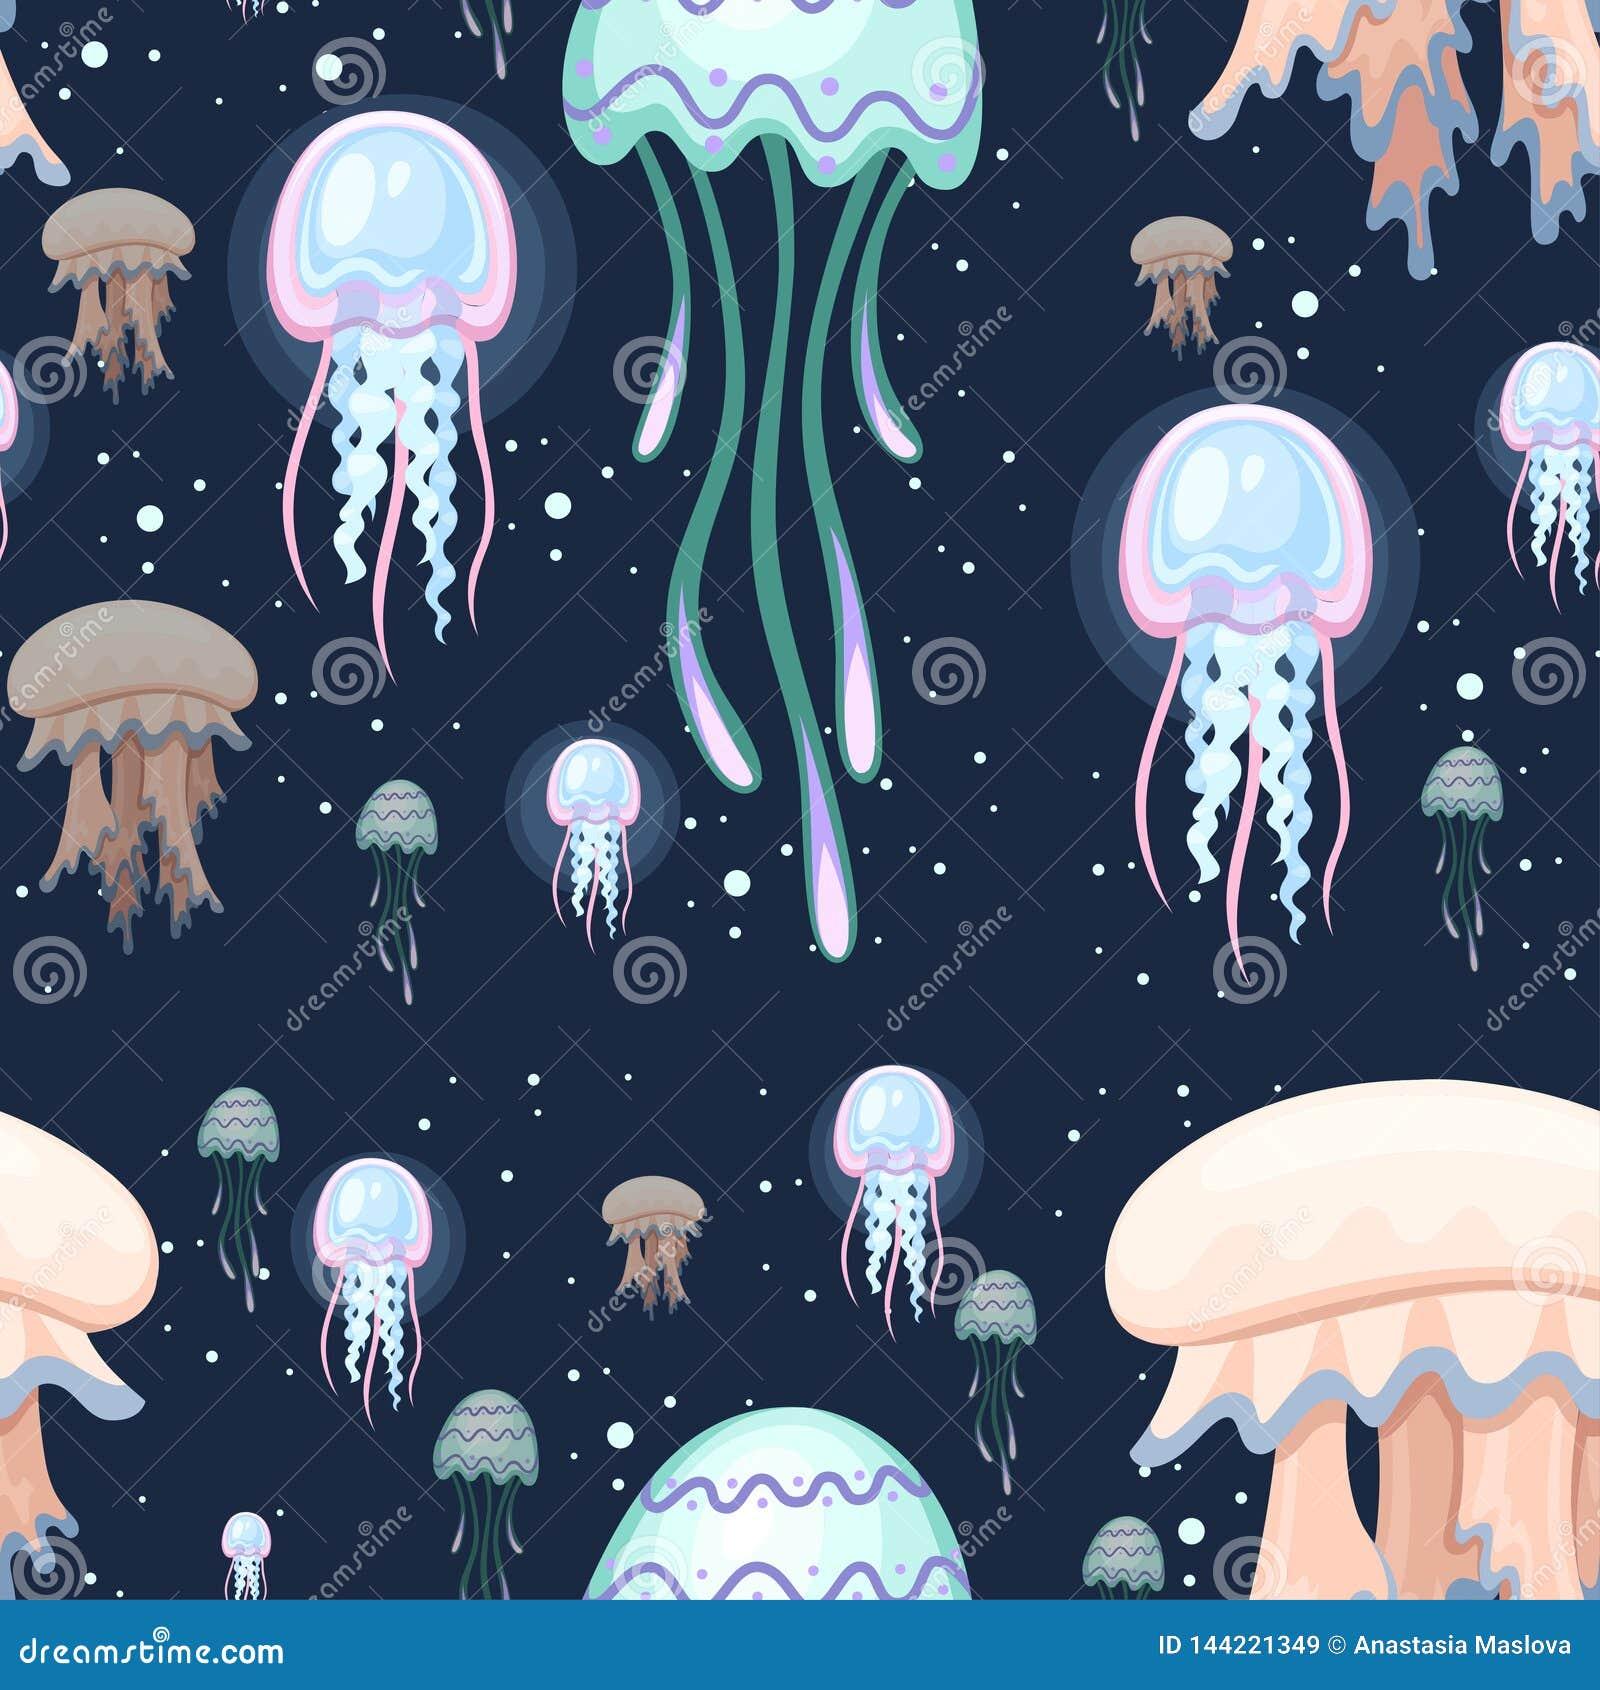 E Красочные медузы Тропическое подводное животное Организм Медузы акватический, дизайн стиля мультфильма r